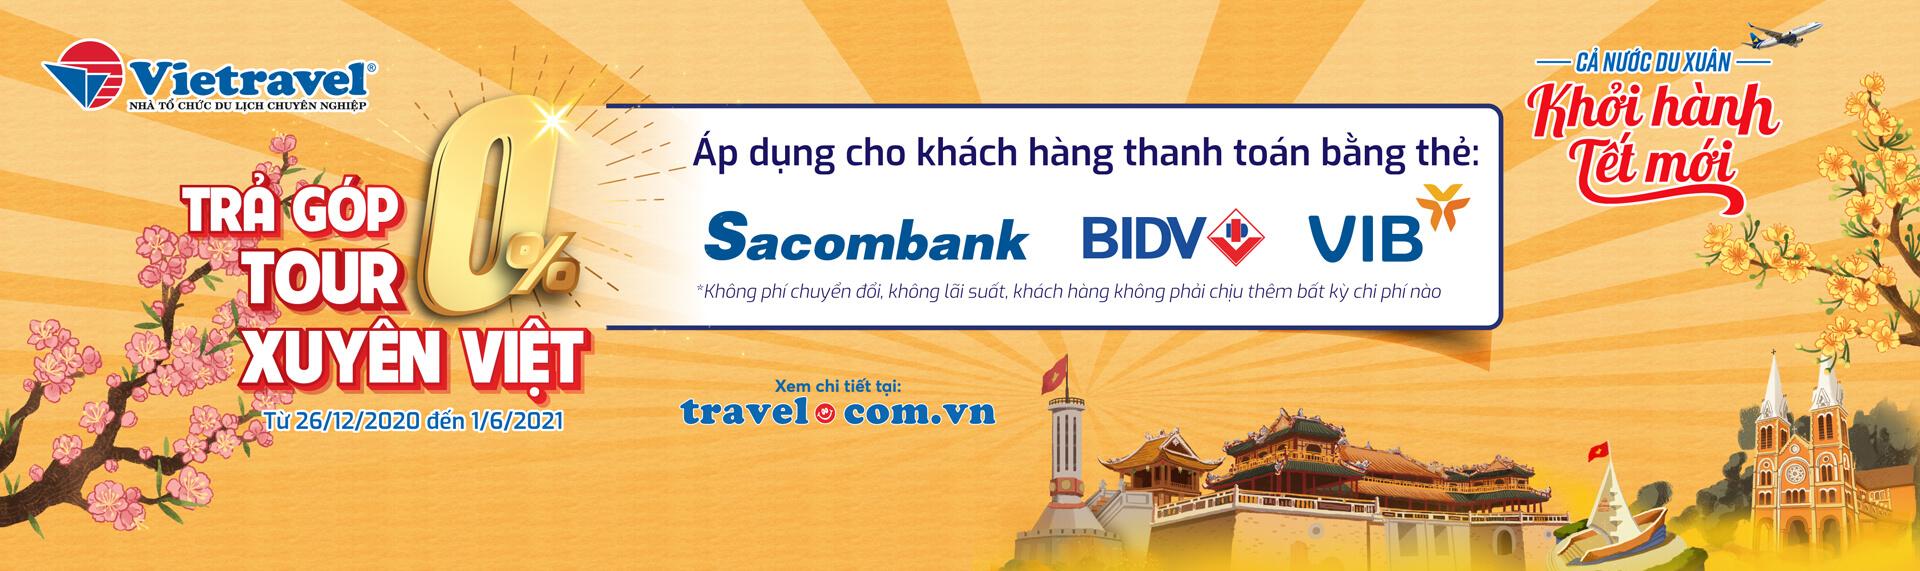 Trả góp 0% tour xuyên Việt